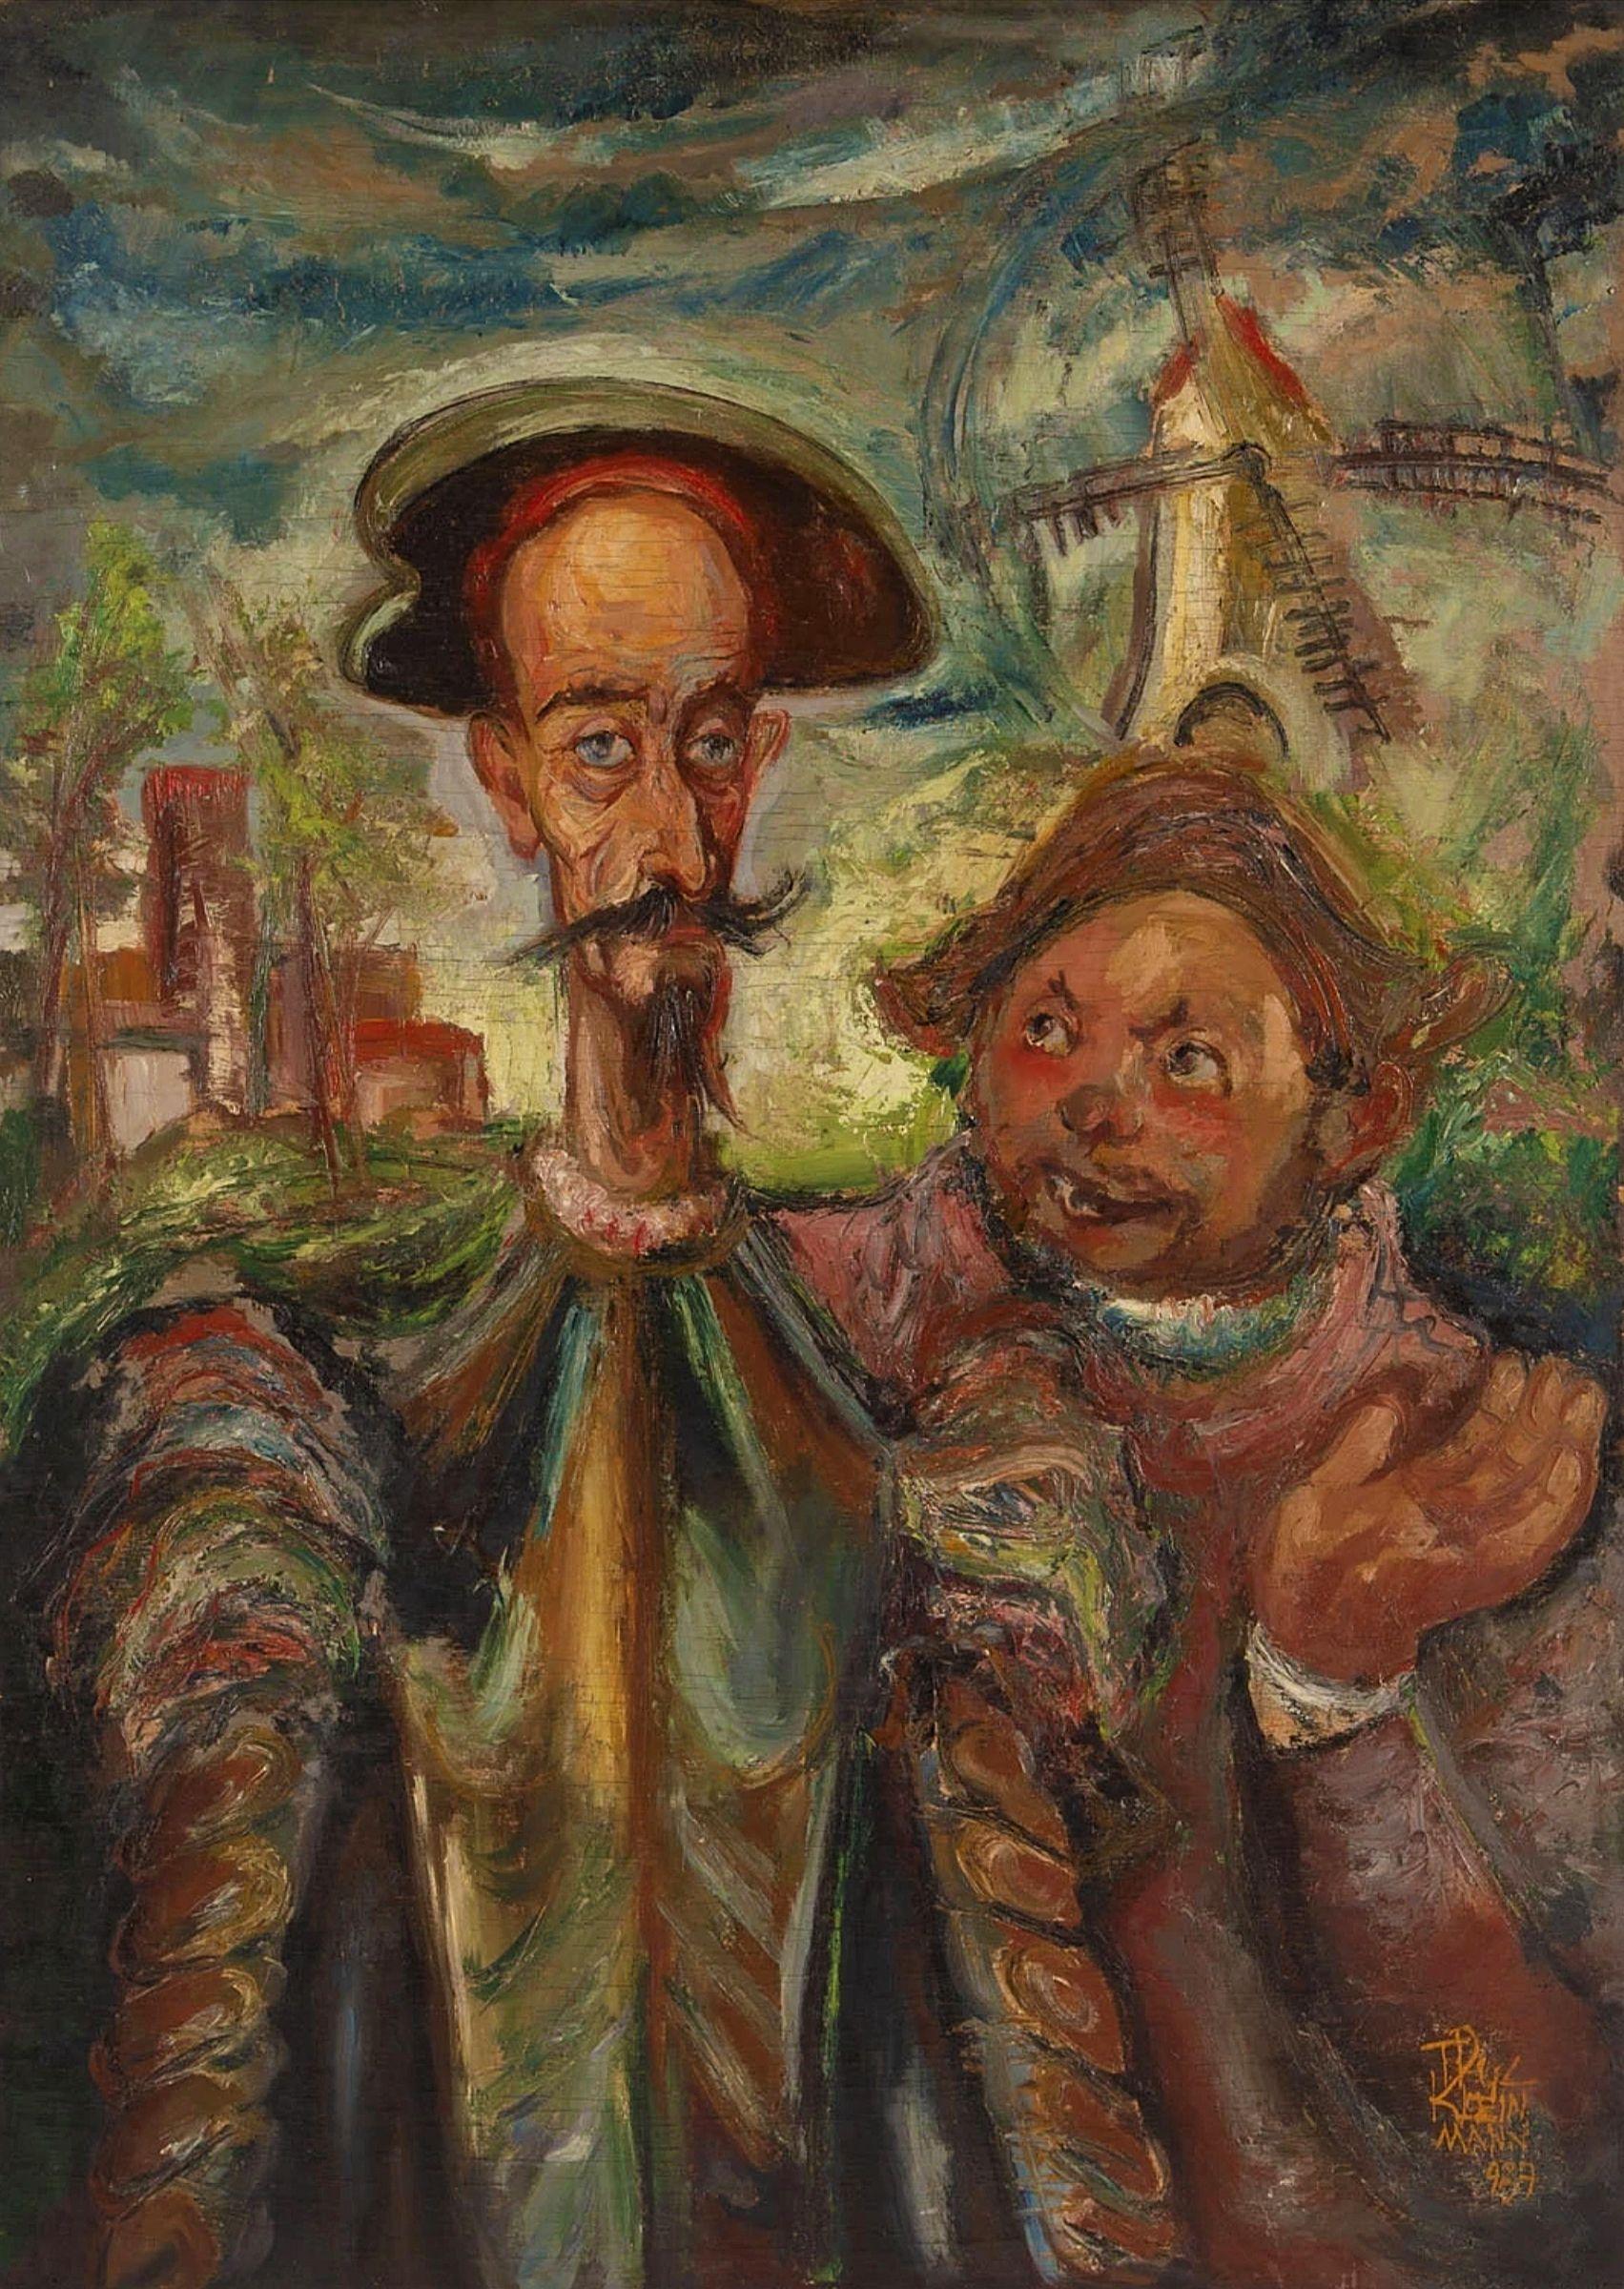 Фриц Кленйман. Дон Кіхот і Санчо Пансо, 1937